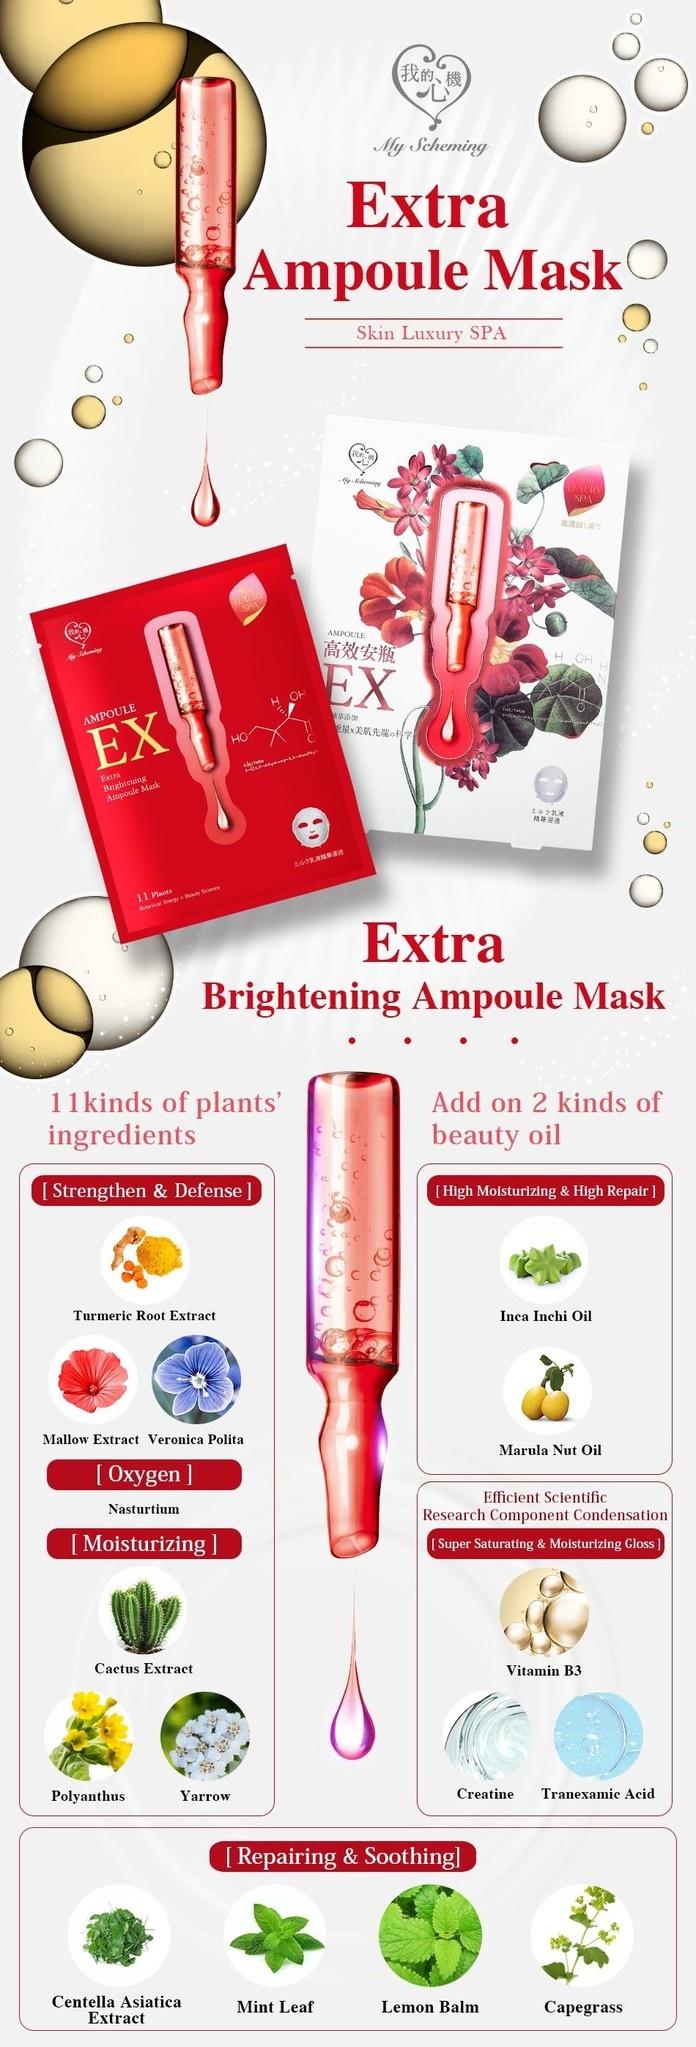 Extra Ampoule Mask 4x4 Trial Mix (16 pcs)-2